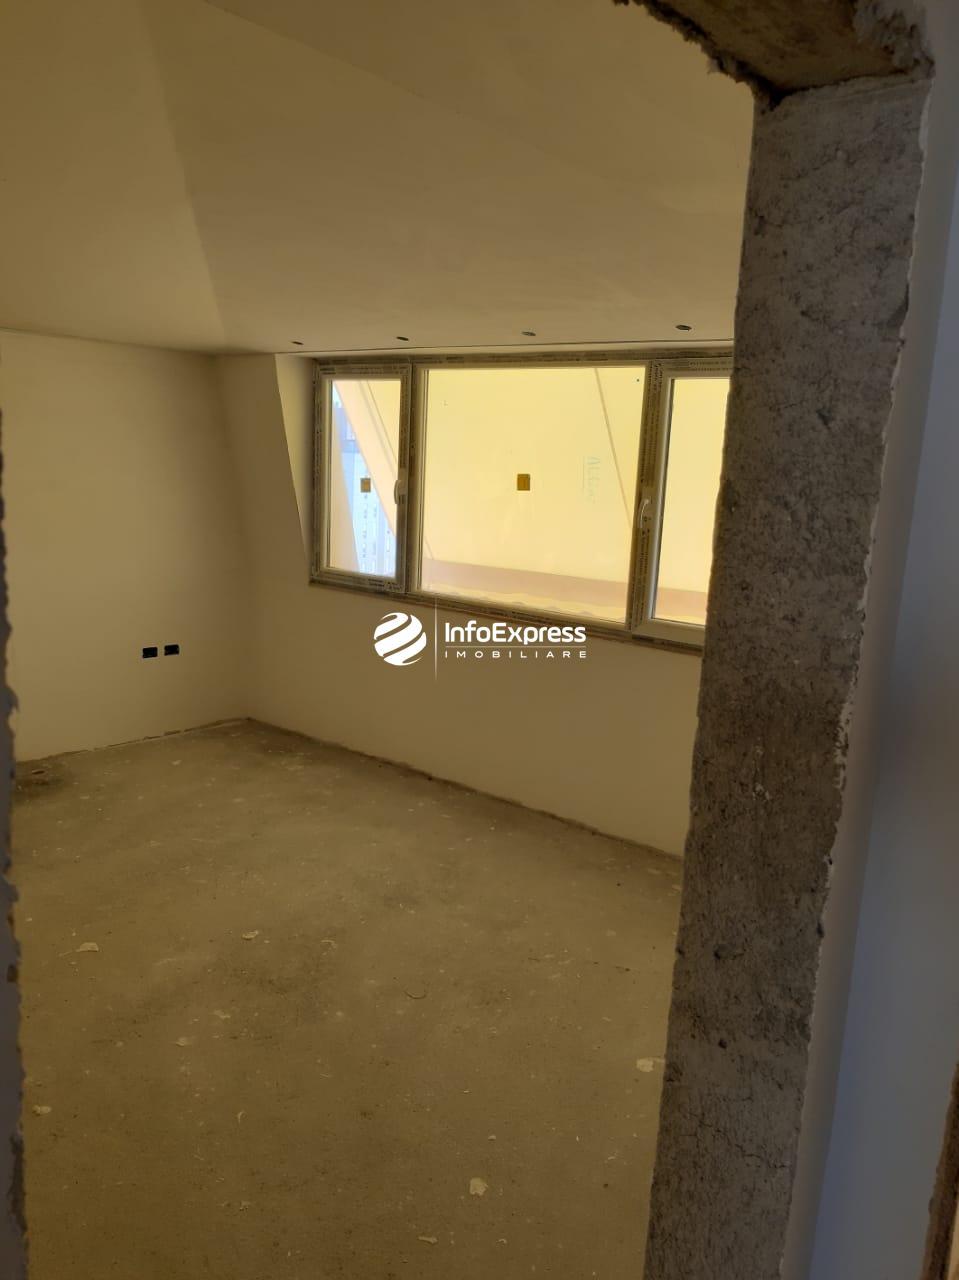 TRS-0419-1447 Shitet apartament 3+1 ndodhet te blloku i ambasadave, ne rrugen e kavajes.